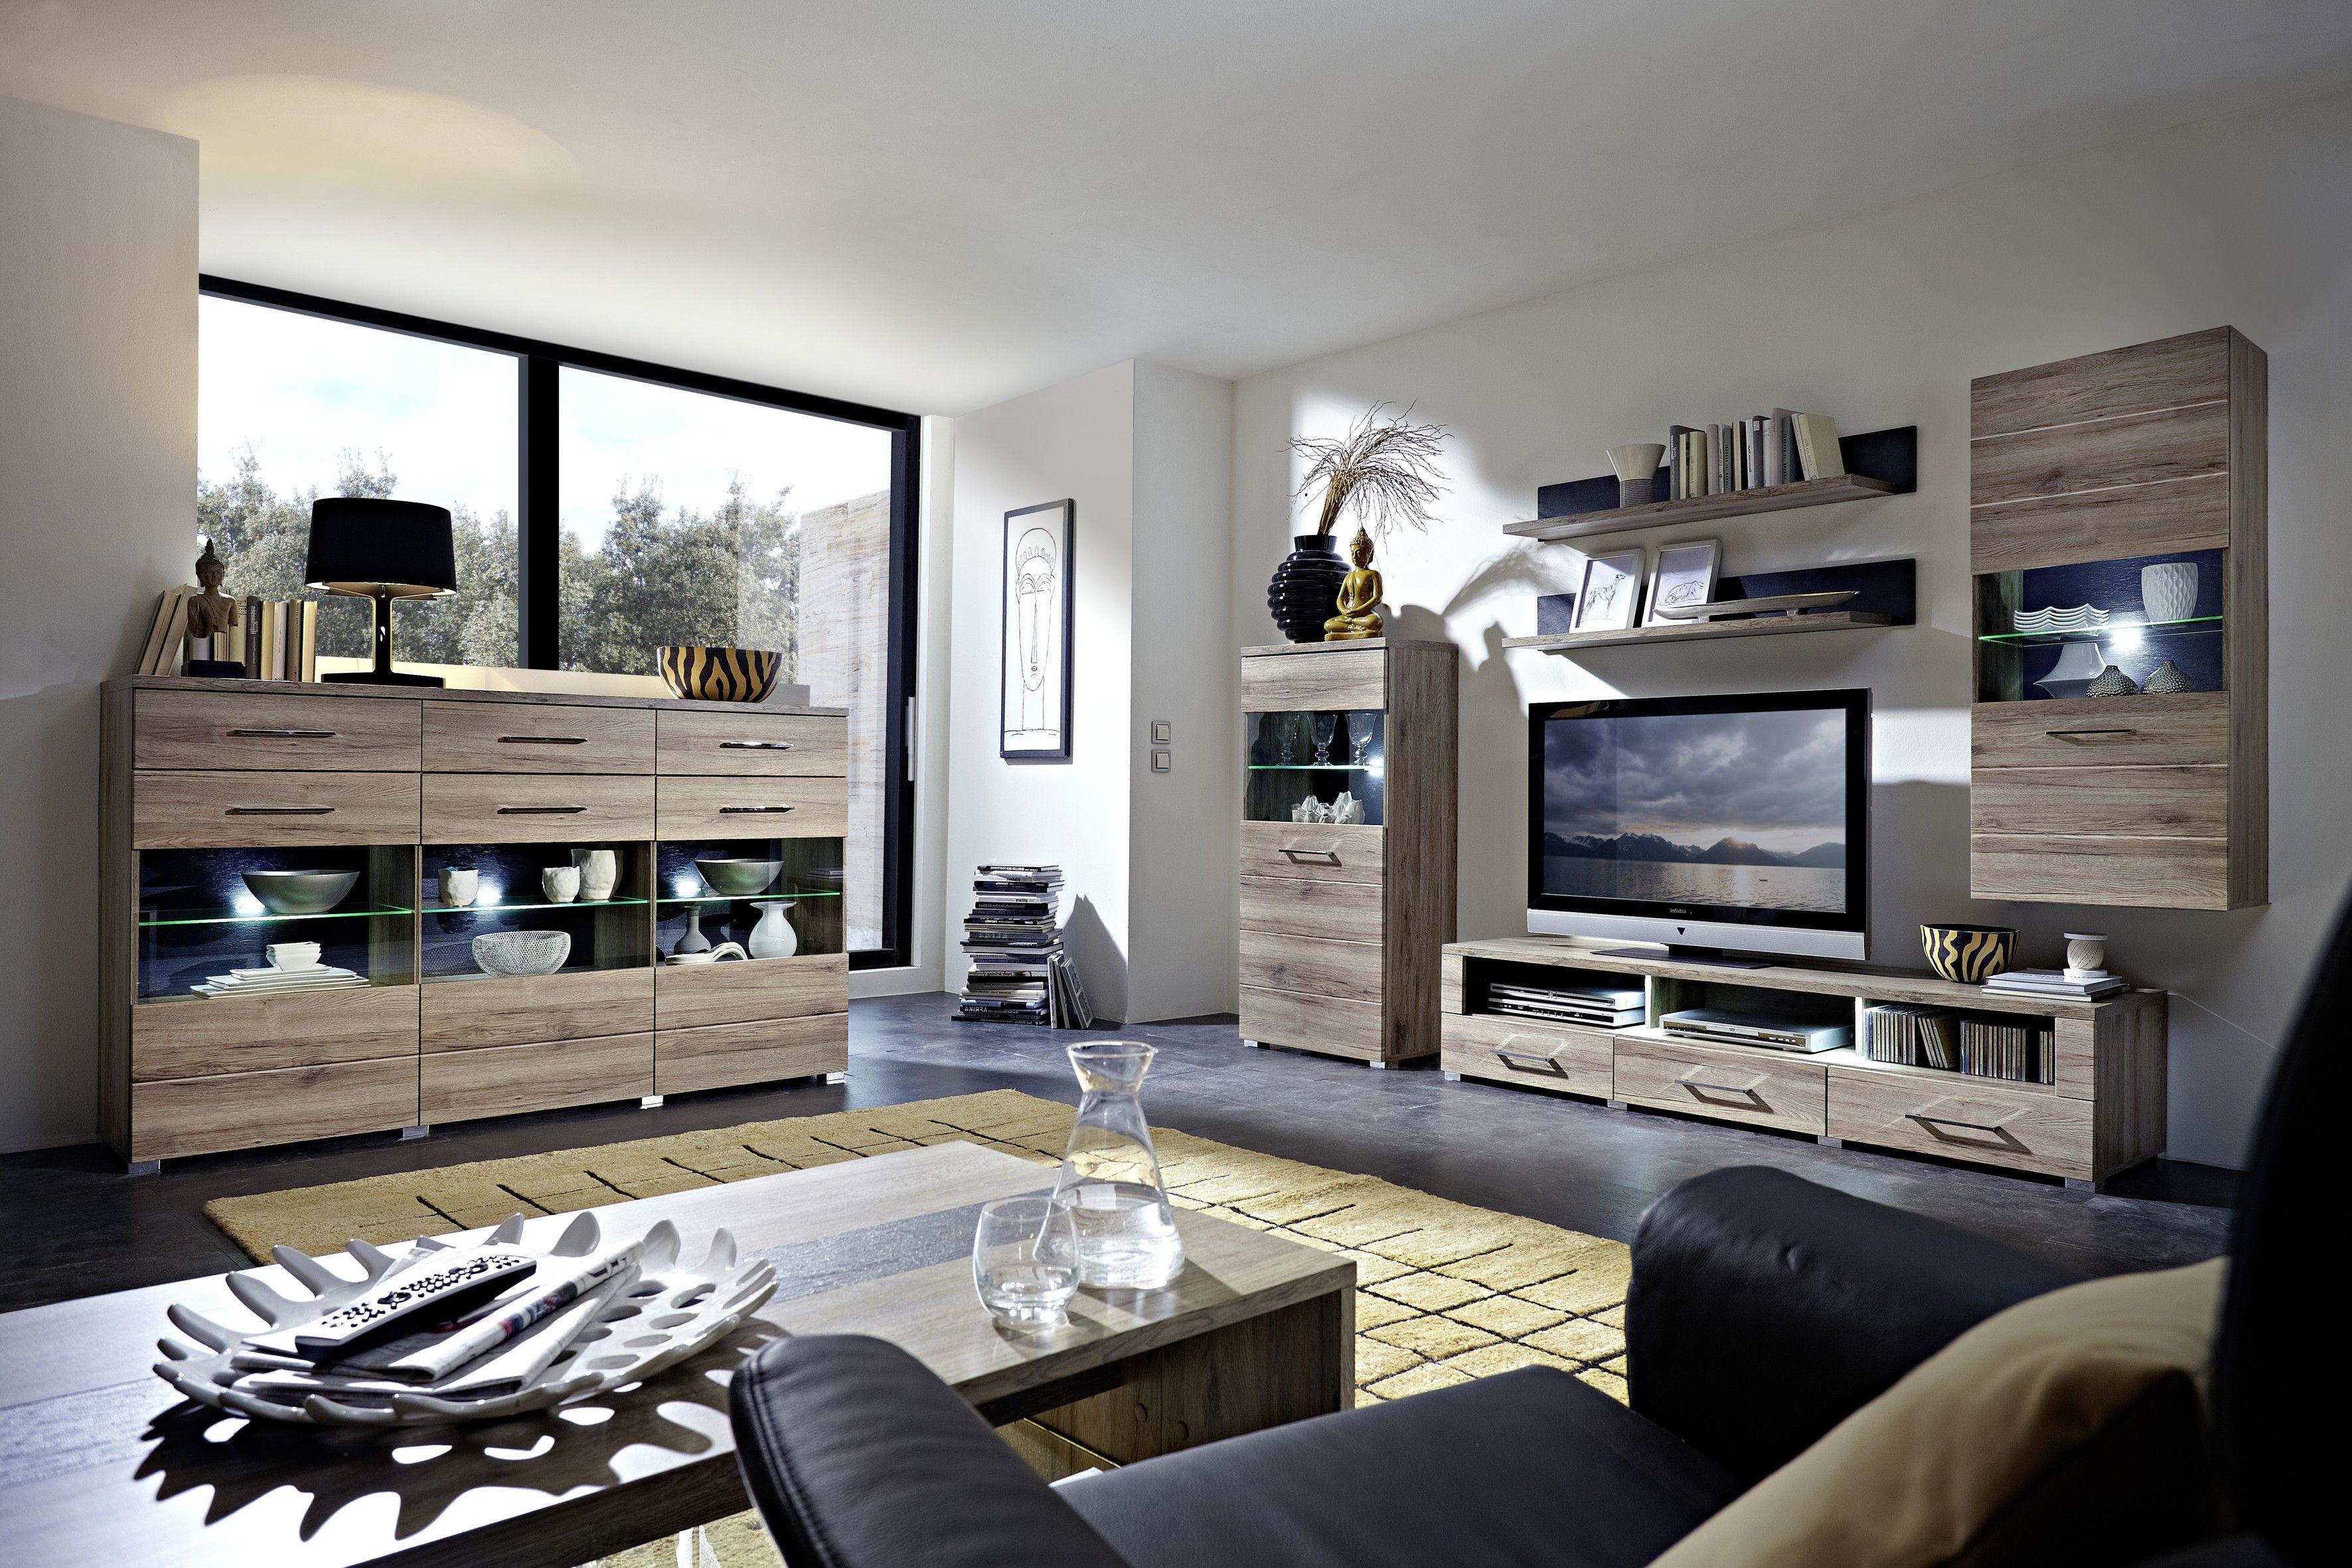 Wohnwand Mit Highboard San Remo Eiche / Schiefer Woody 22 00454 Holz Modern  Jetzt Bestellen